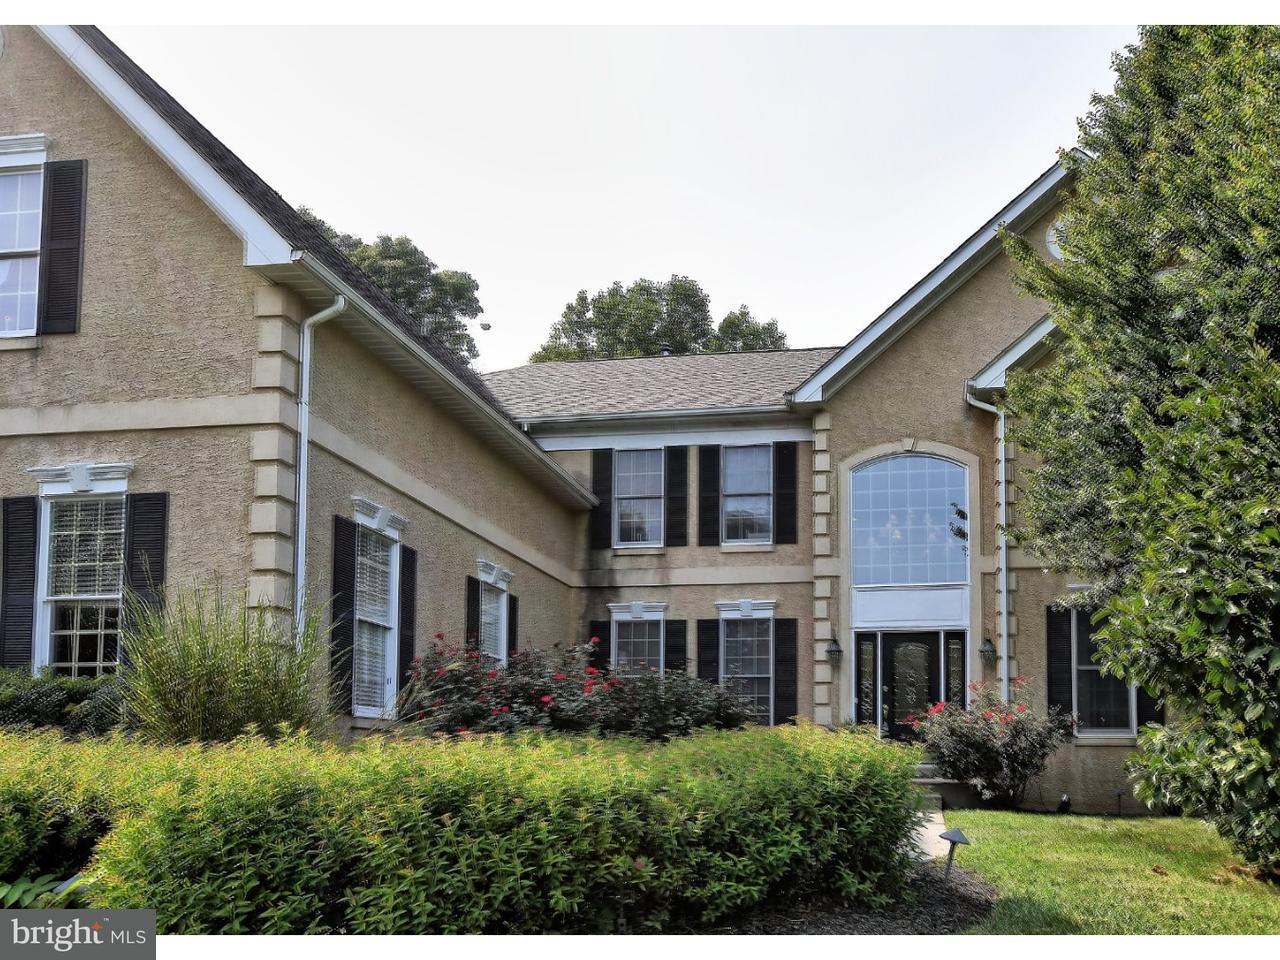 Maison unifamiliale pour l Vente à 130 SHELBOURNE Lane Phoenixville, Pennsylvanie 19460 États-Unis